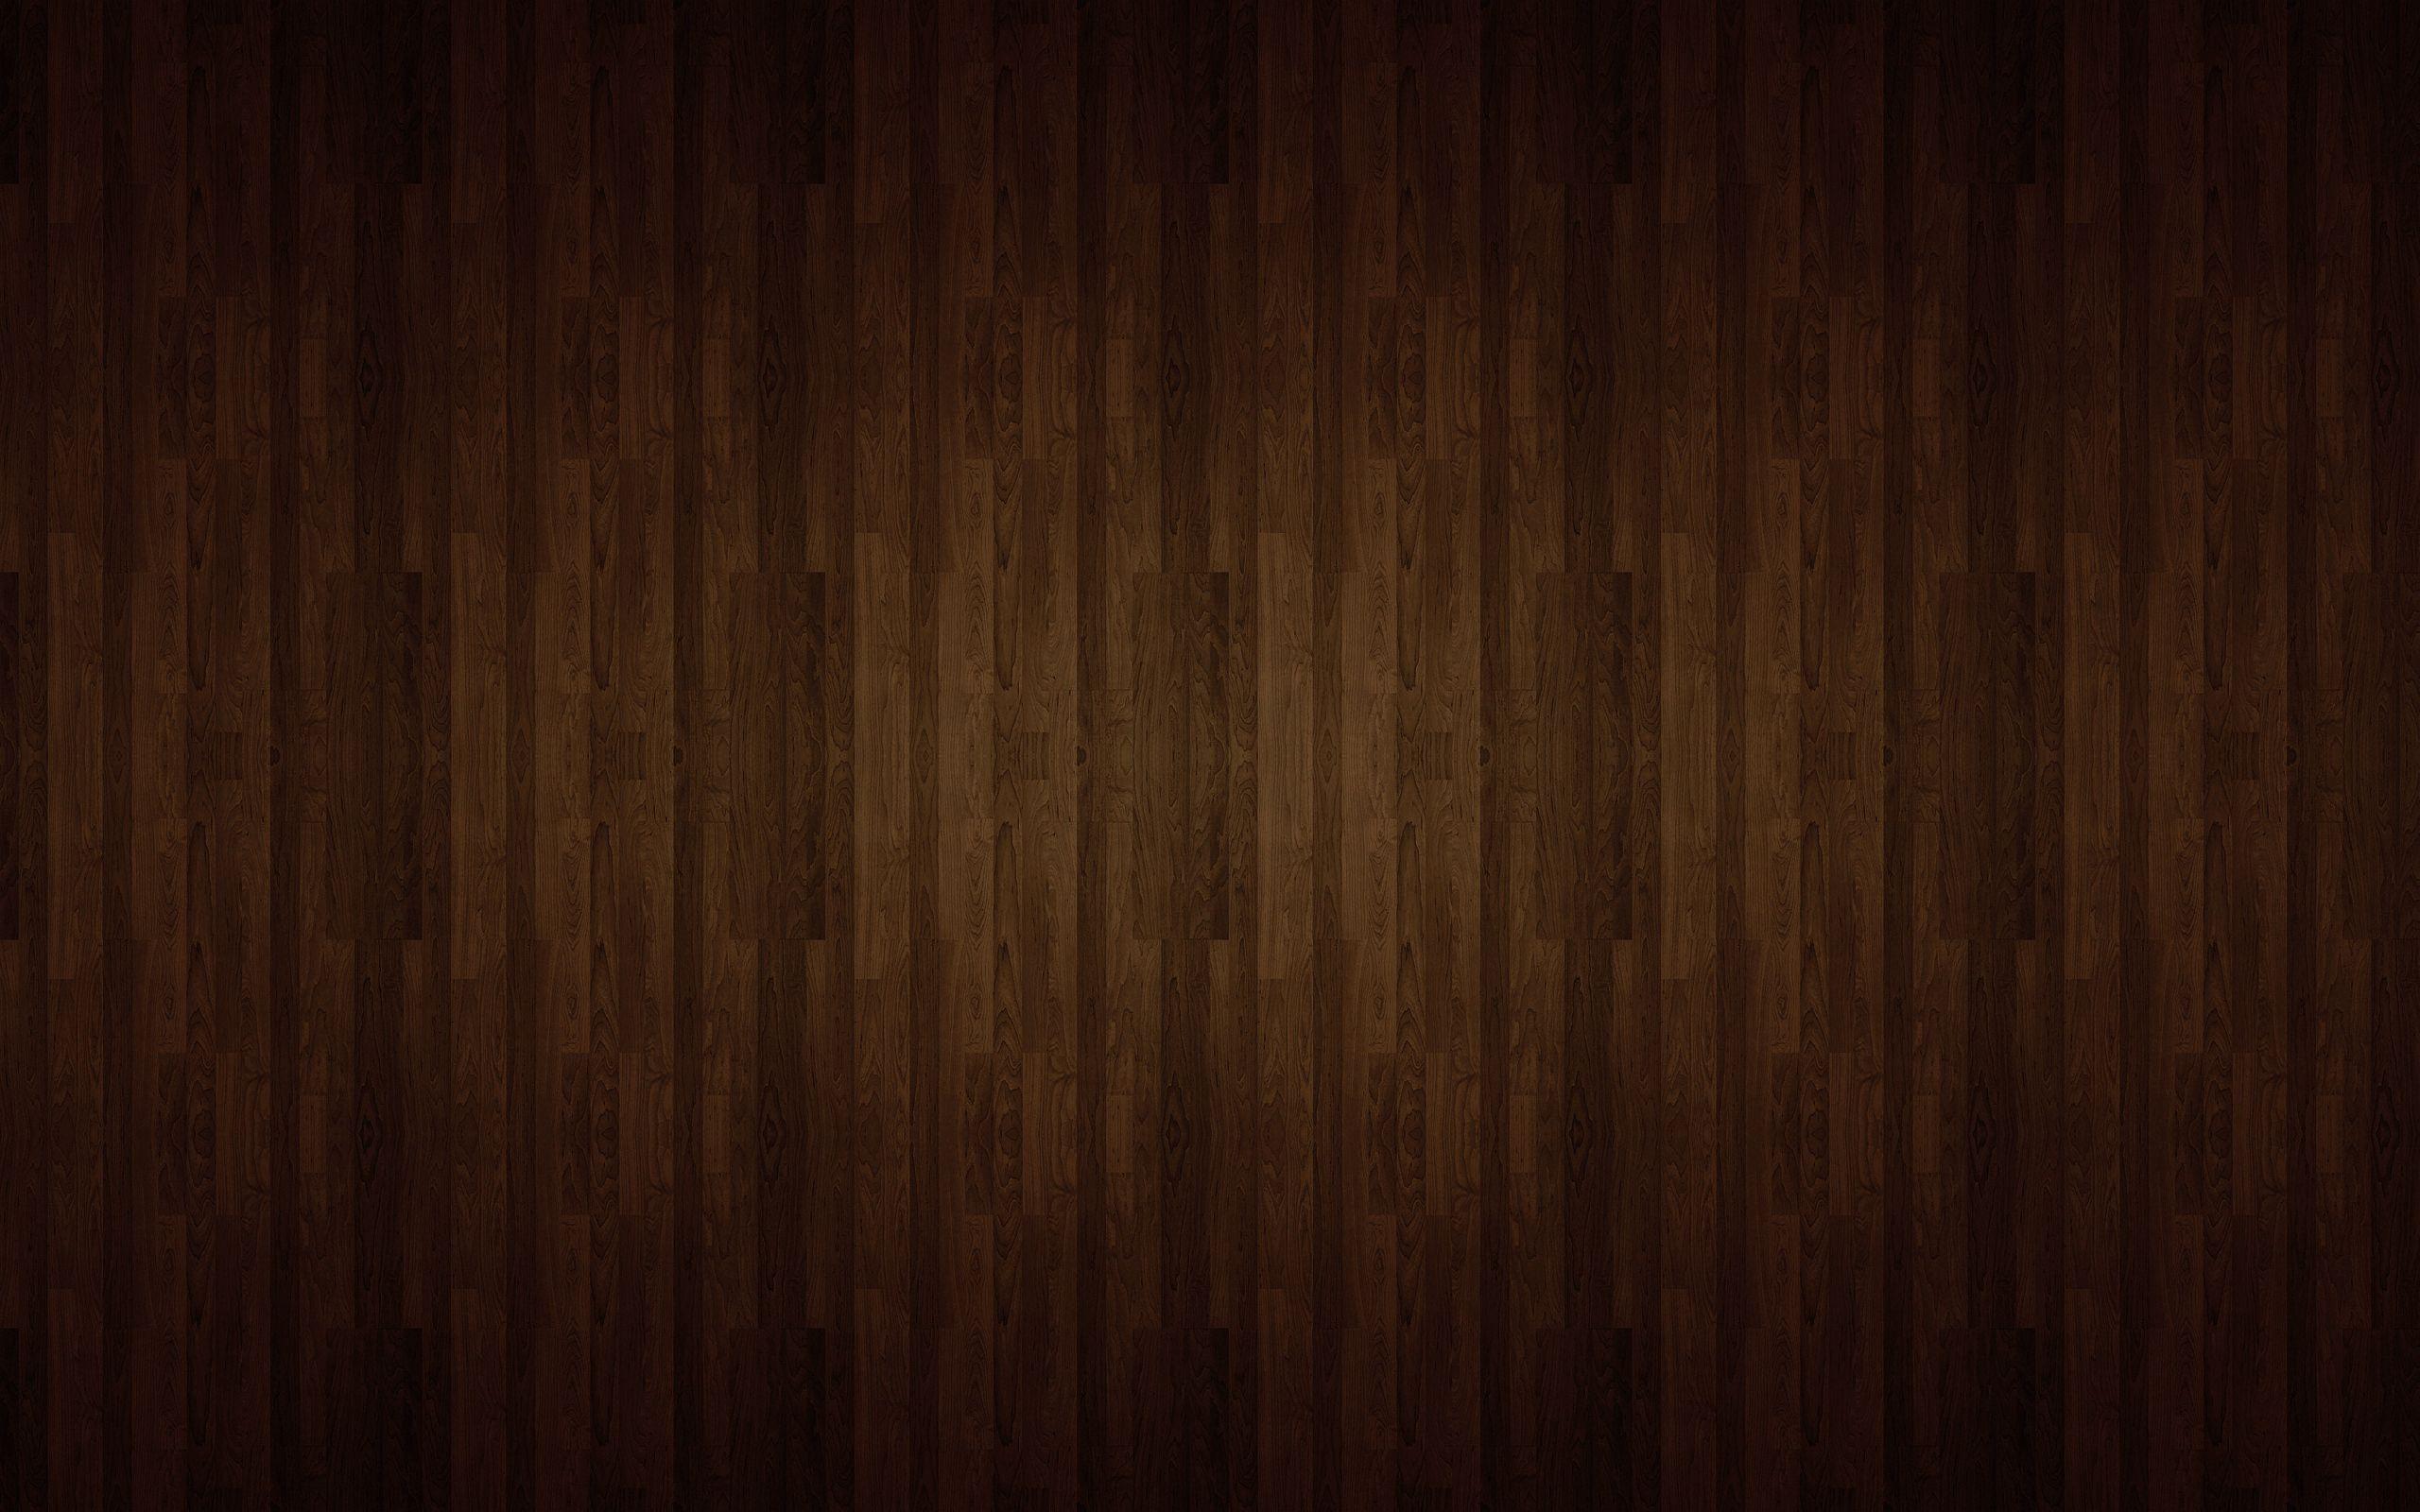 85242 Заставки и Обои Текстуры на телефон. Скачать Текстуры, Дерево, Поверхность, Доски, Паркет картинки бесплатно